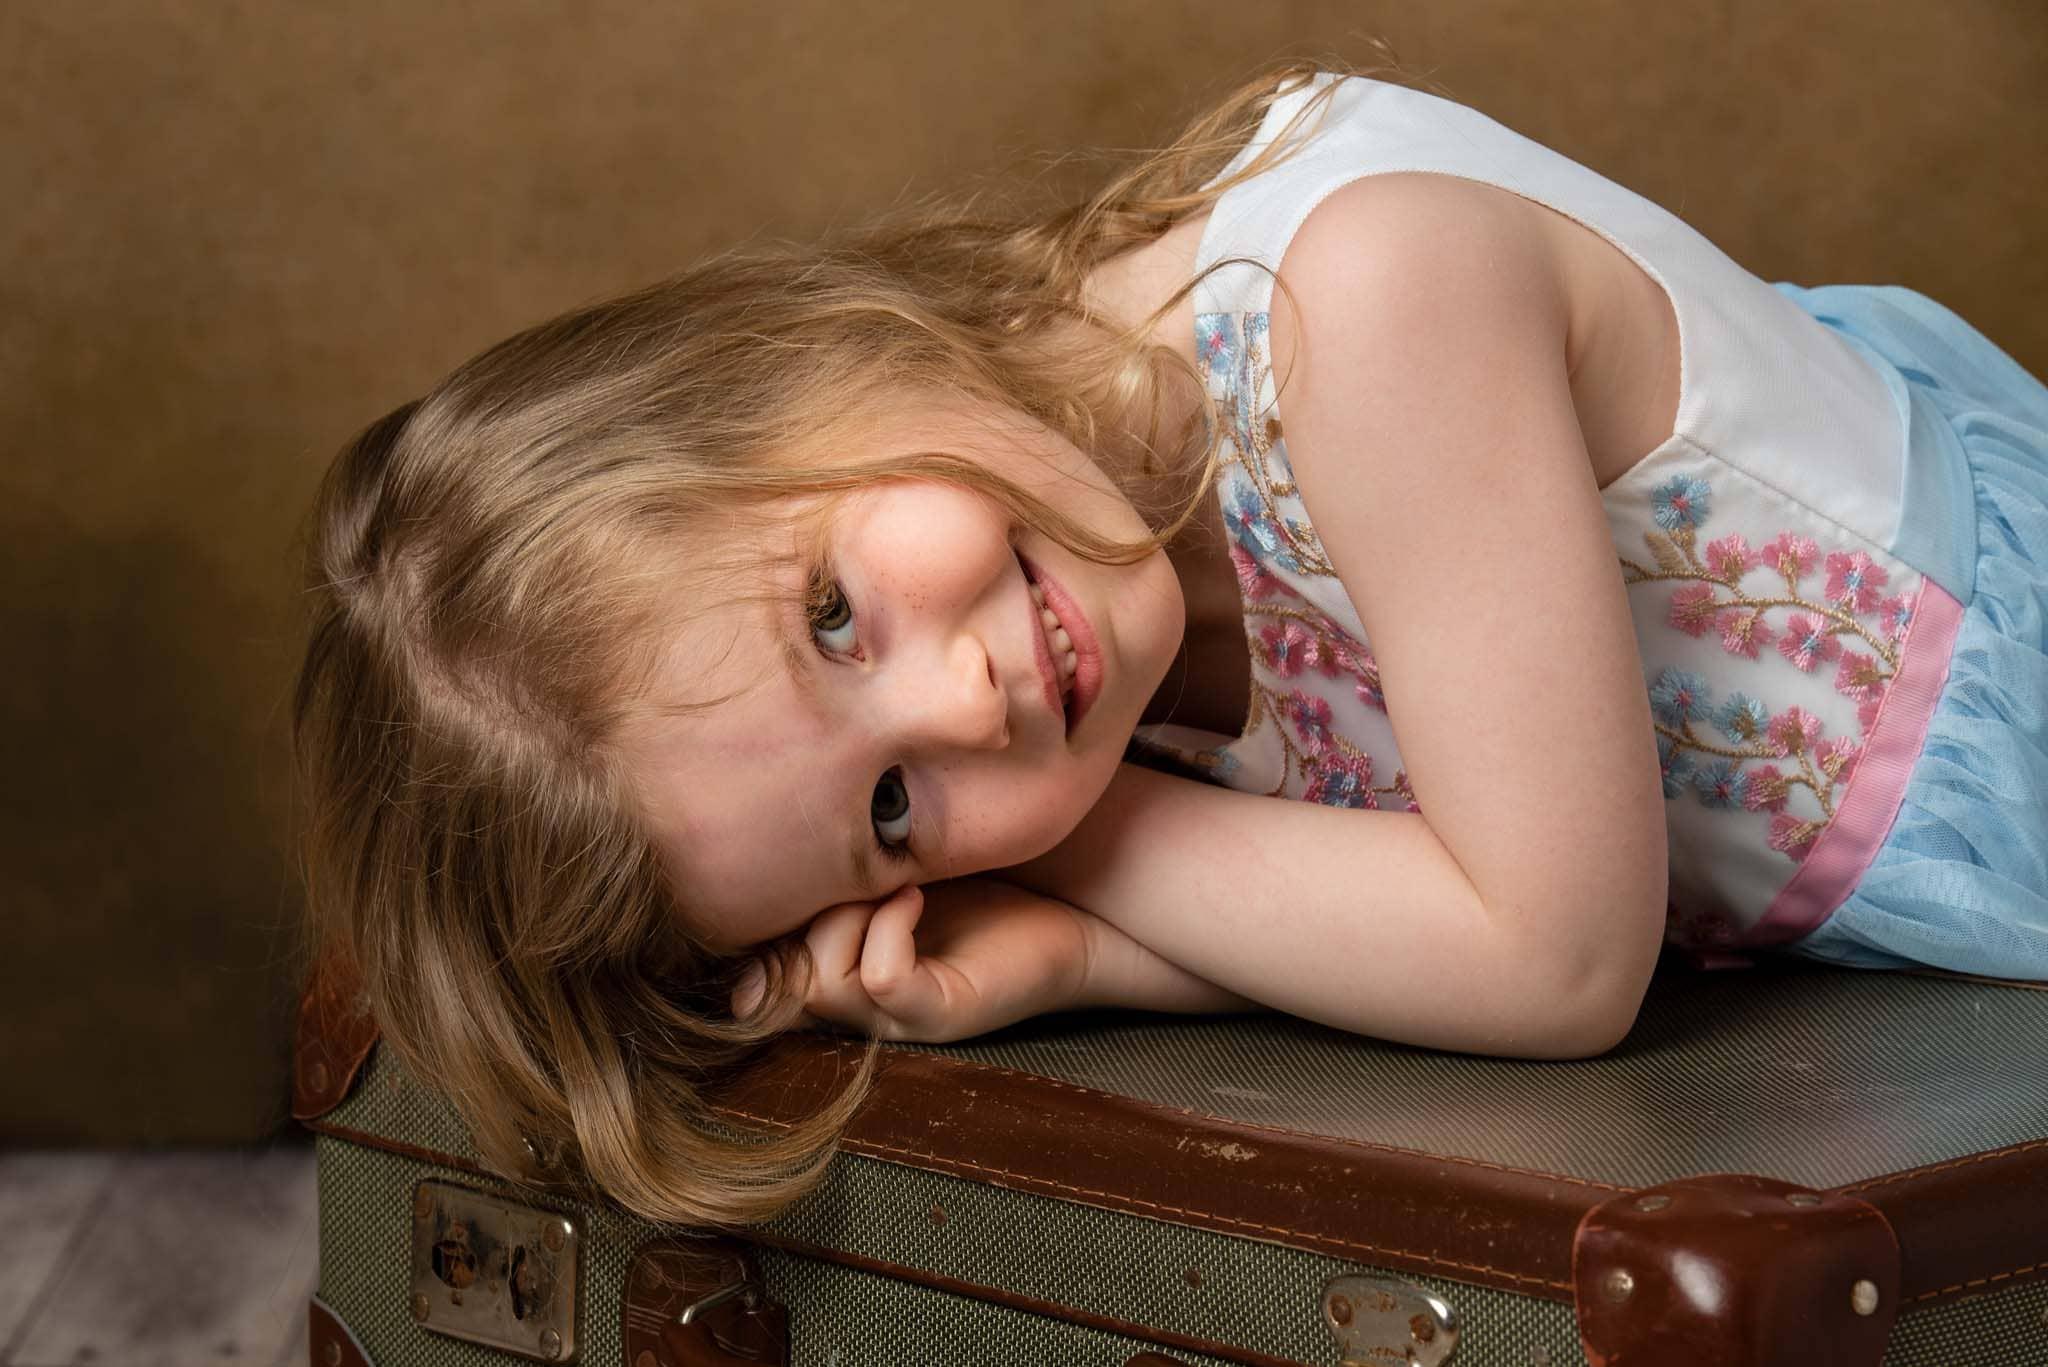 Studiofoto barn 5 år med resväskor